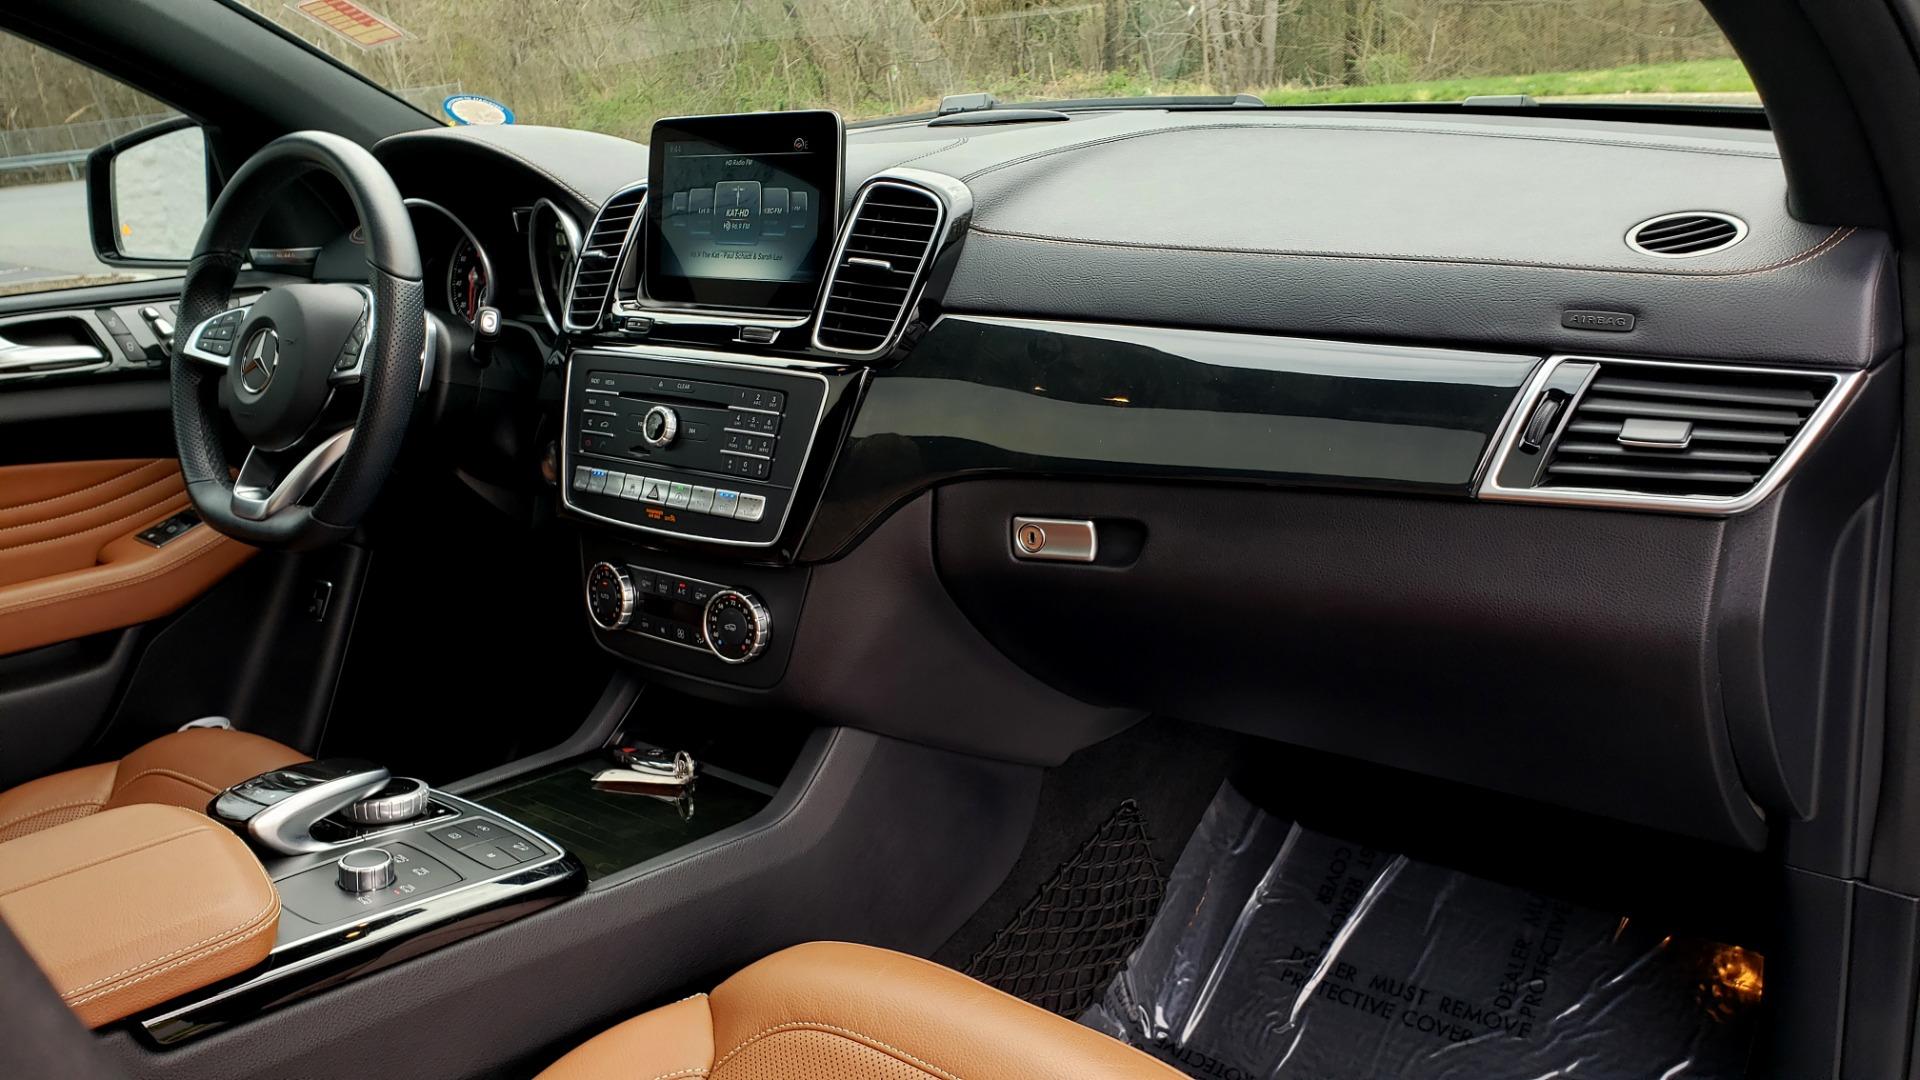 Used 2016 Mercedes-Benz GLE 450 AMG / AWD / PREM PKG / PARK ASST / DRVR ASST / SUNROOF for sale Sold at Formula Imports in Charlotte NC 28227 76